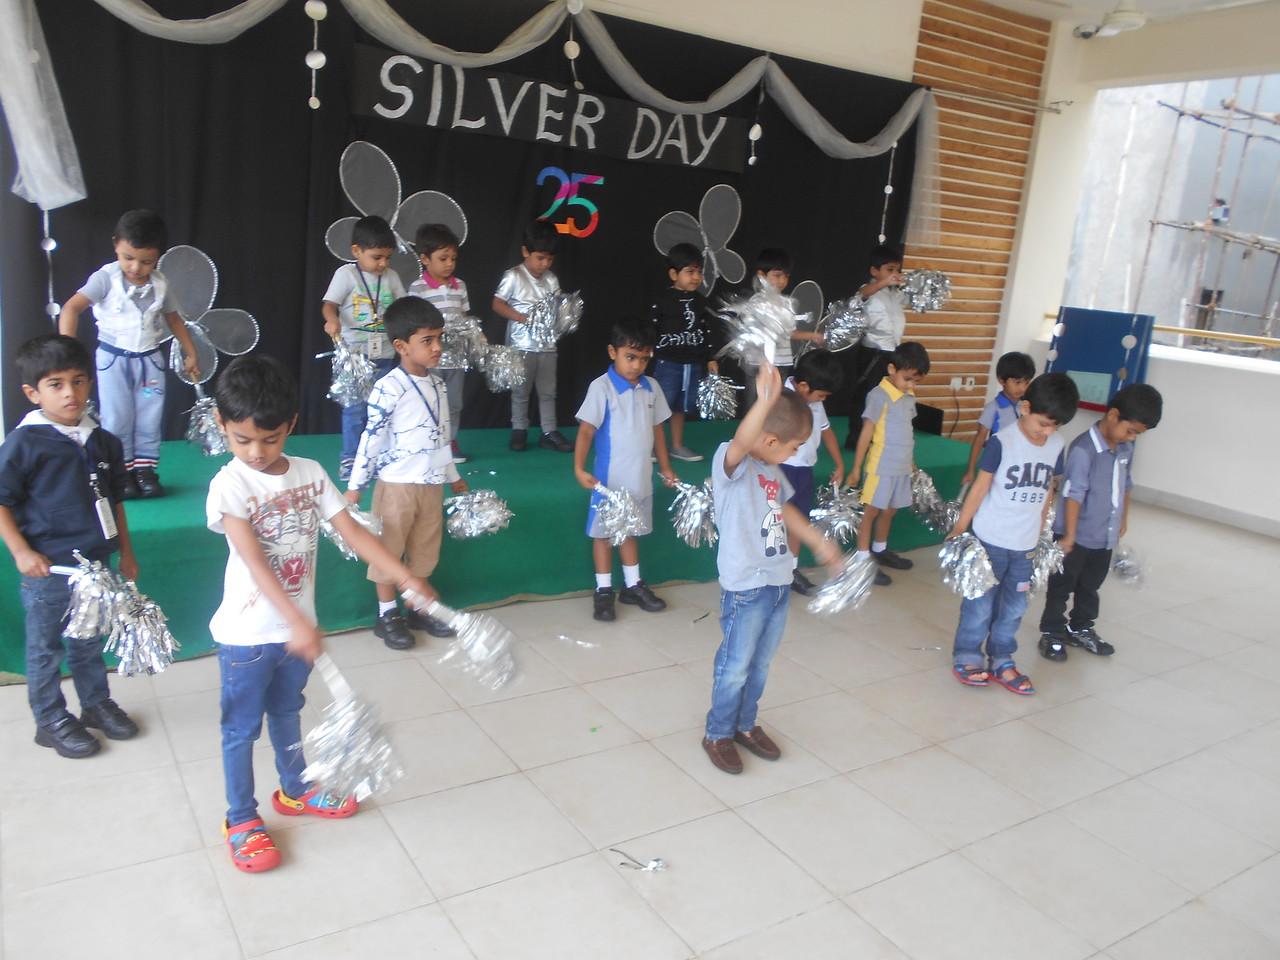 Silver day celebration